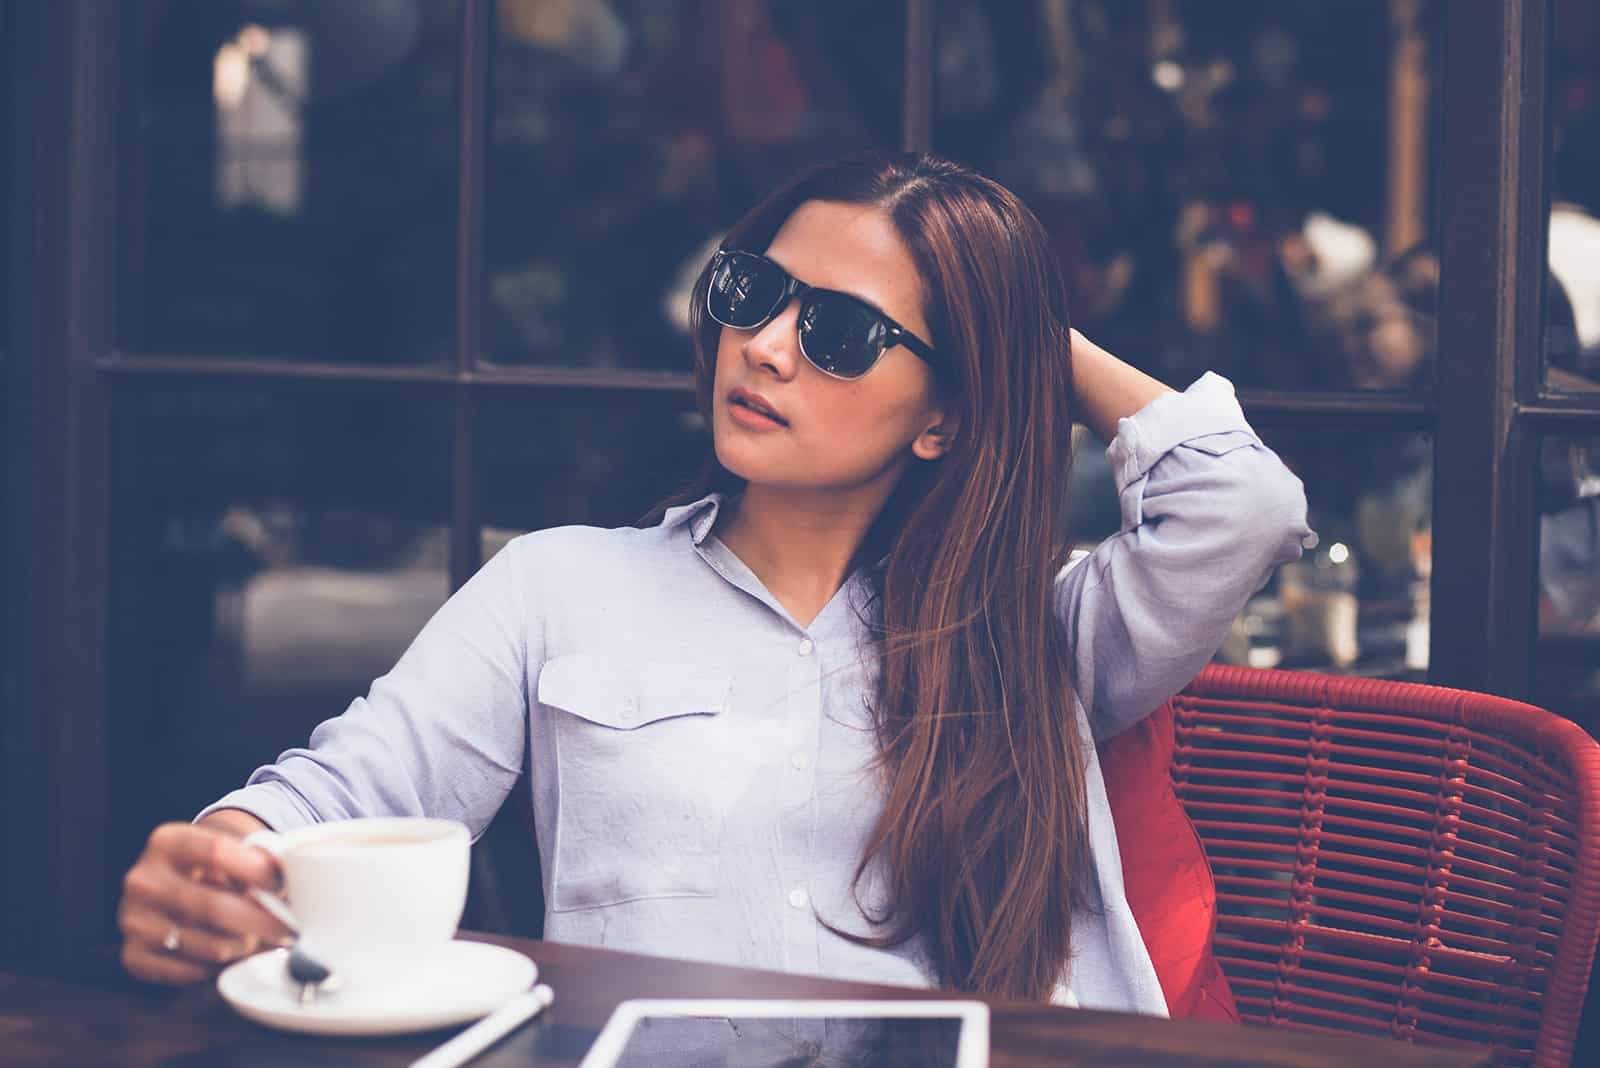 Frau mit Sonnenbrille sitzt Kaffee allein im Café trinkend